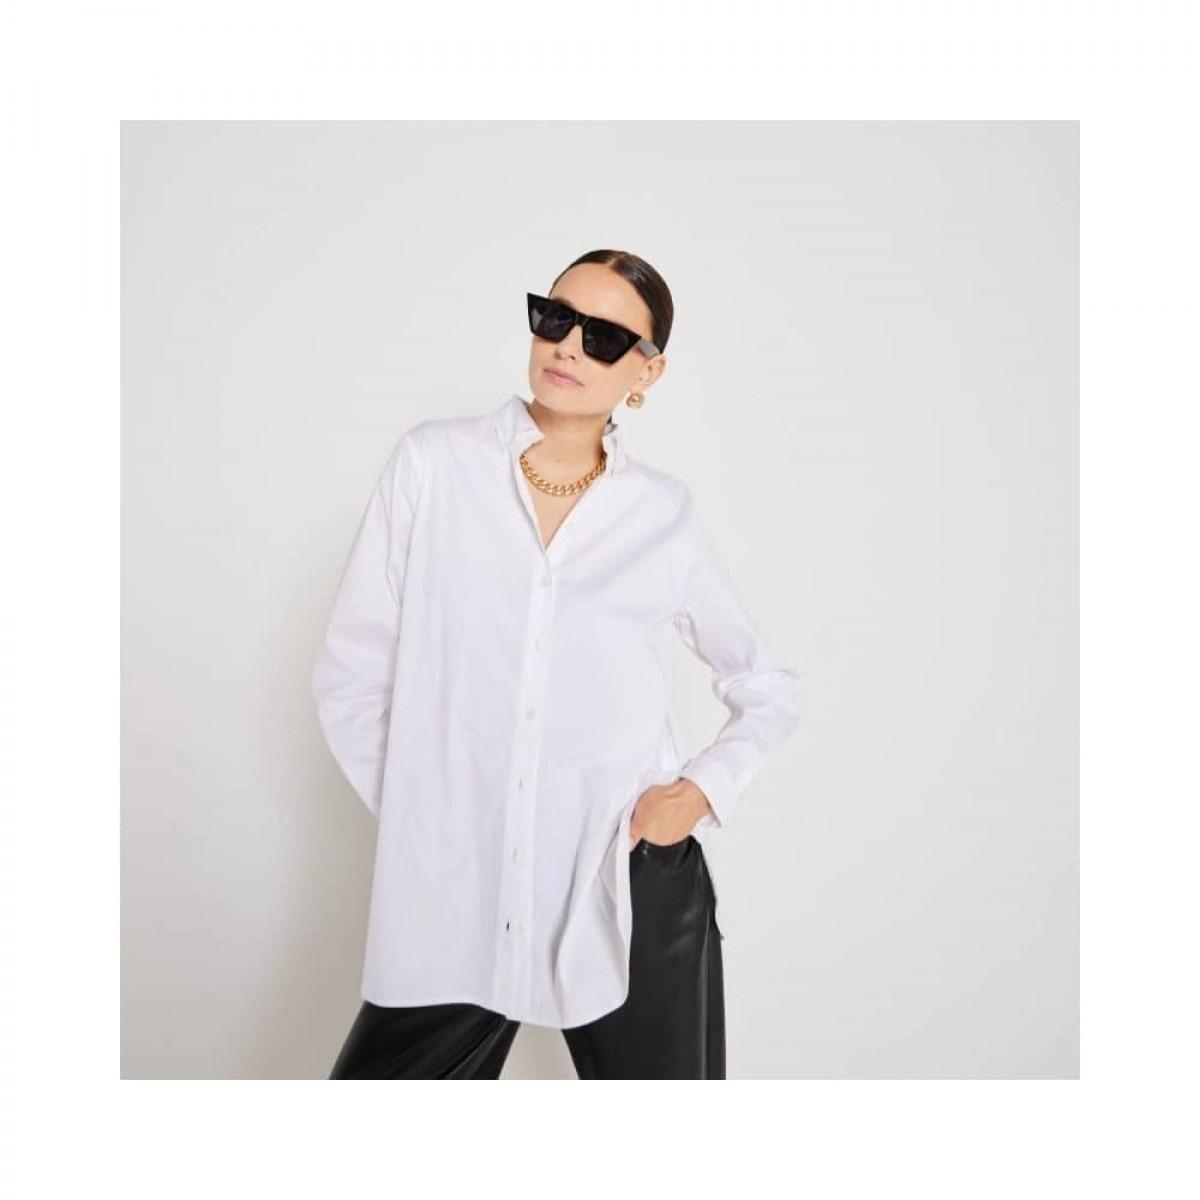 claudia skjorte - white - skjorte detalje